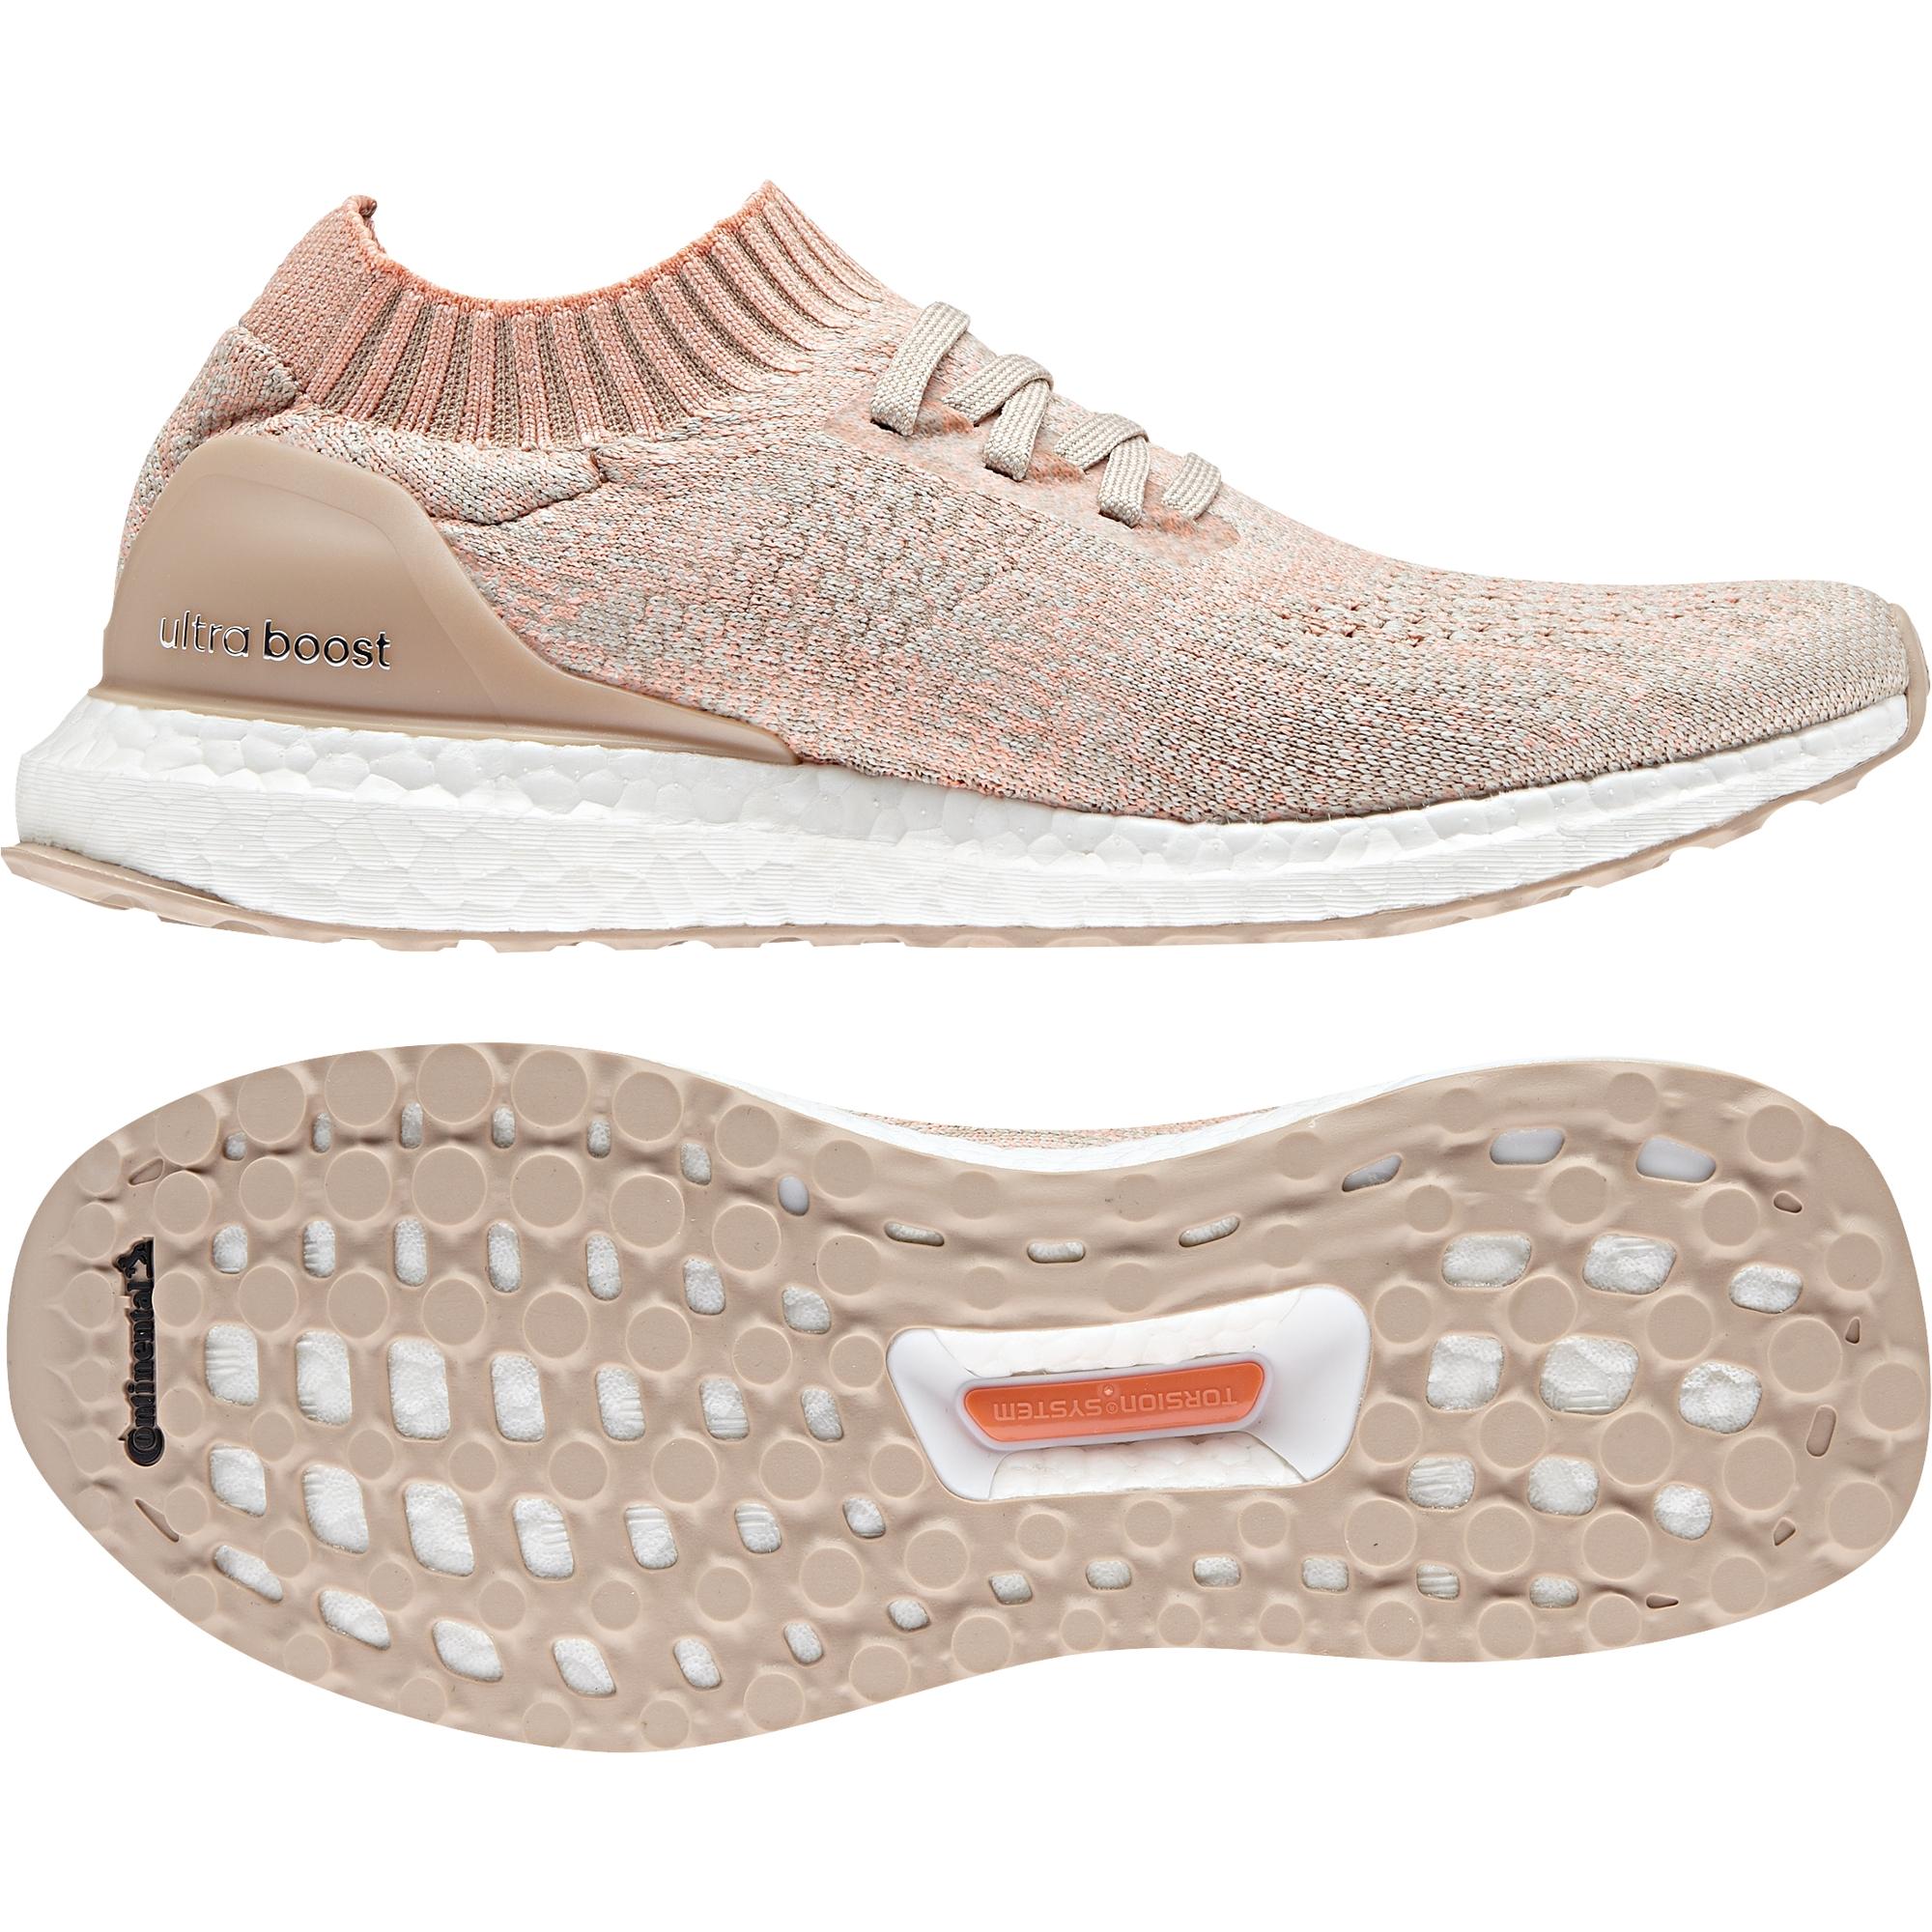 Chaussures femme adidas UltraBoost Uncaged   Alltricks.com 4b3d88ce76b5